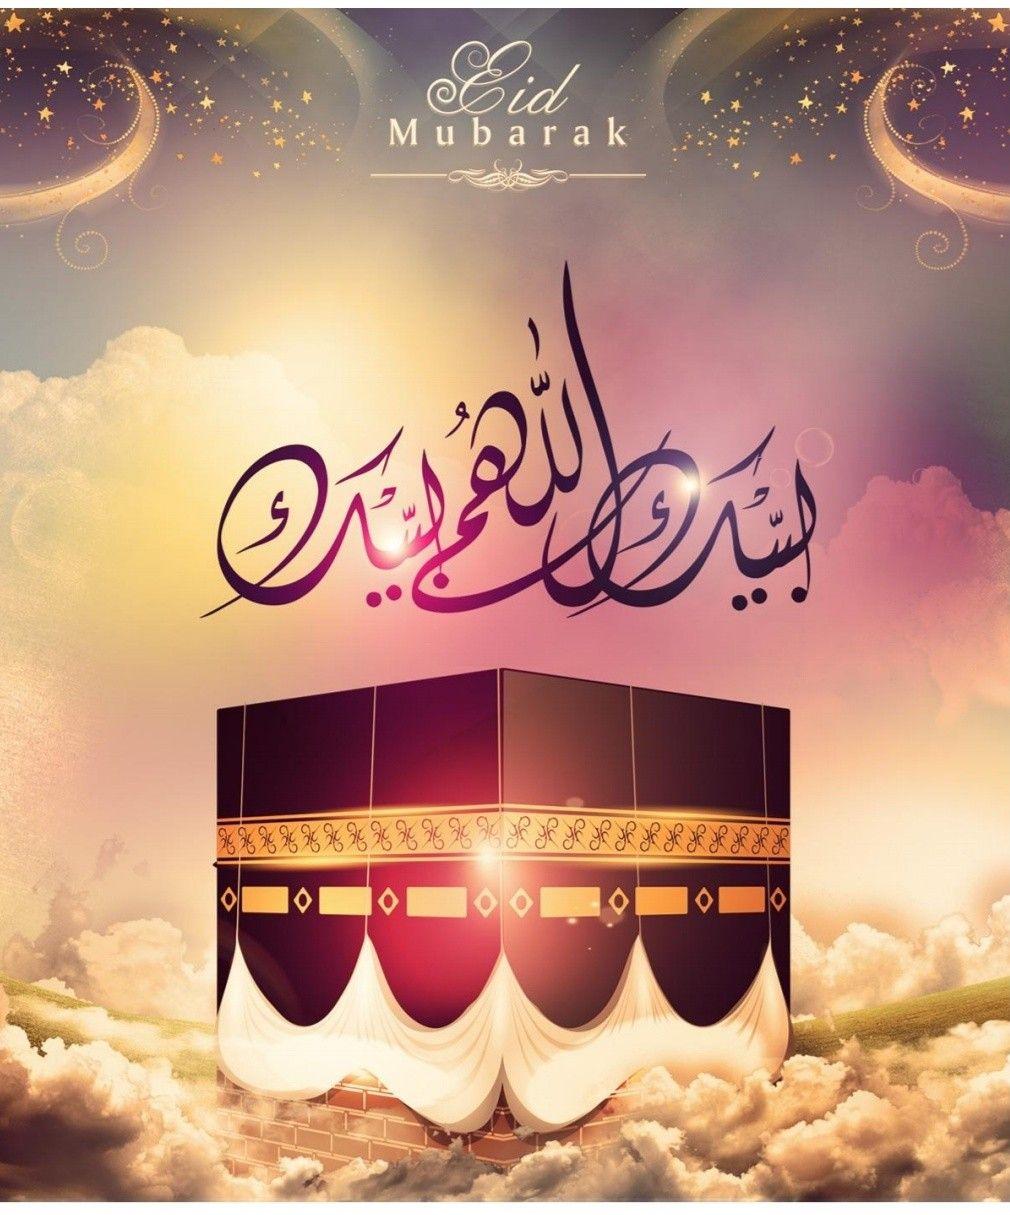 Eid Mubarak Eid Ul Adha Eid Ul Adha Mubarak Greetings Eid Mubarak Greetings